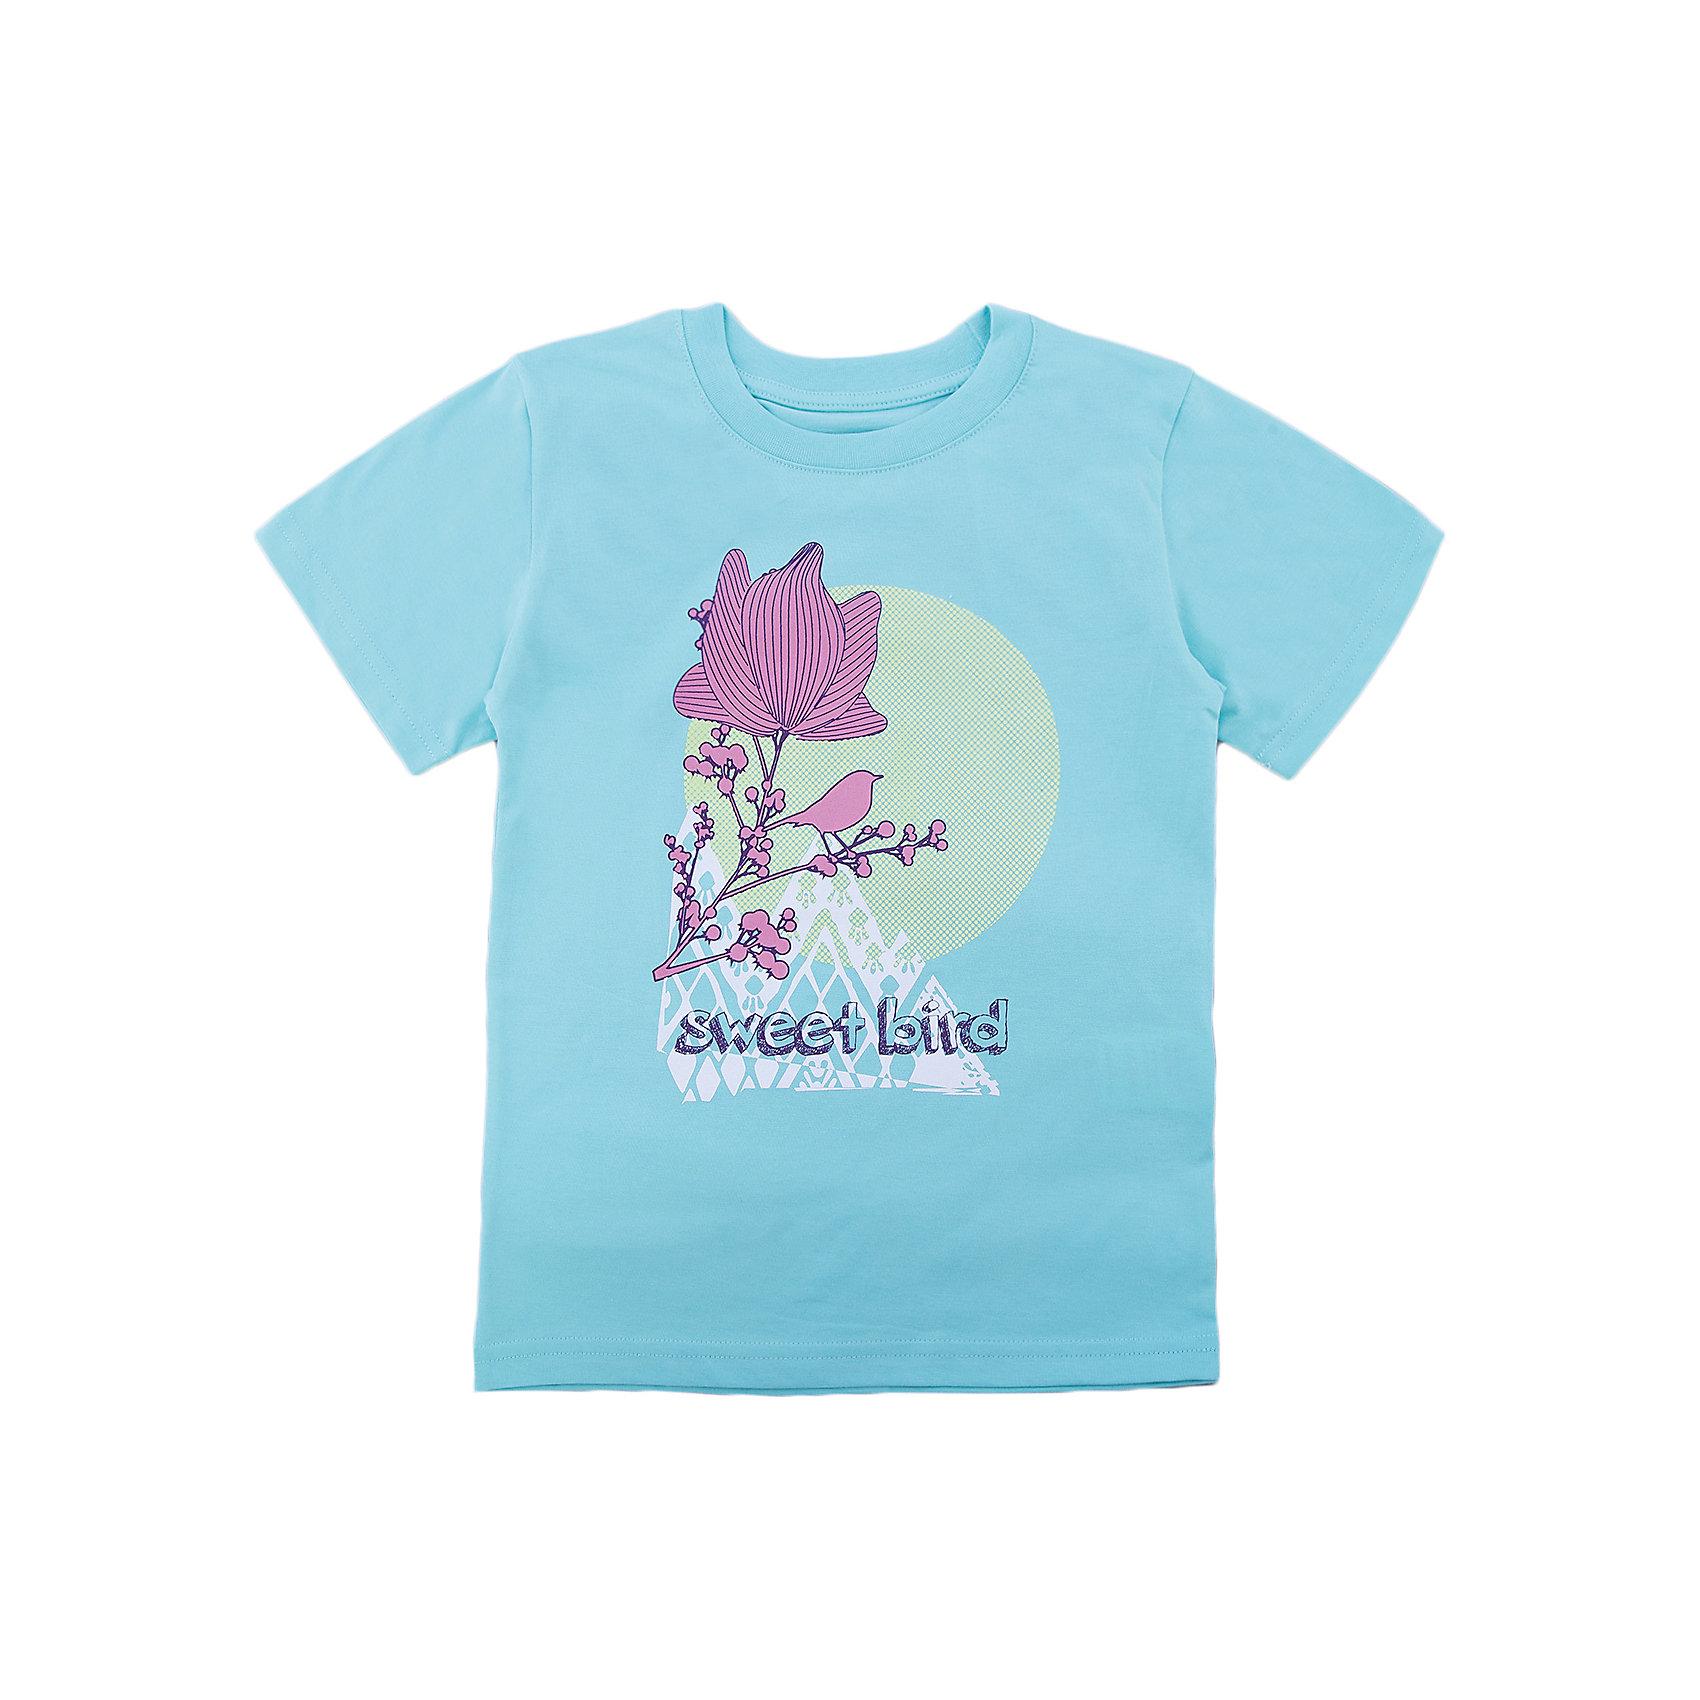 Футболка для девочки WOWФутболки, поло и топы<br>Футболка для девочки WOW<br>Незаменимой вещью в  гардеробе послужит футболка с коротким рукавом. Стильная и в тоже время комфортная модель, с яркой оригинальной печатью, будет превосходно смотреться на ребенке.<br>Состав:<br>кулирная гладь 100% хлопок<br><br>Ширина мм: 199<br>Глубина мм: 10<br>Высота мм: 161<br>Вес г: 151<br>Цвет: голубой<br>Возраст от месяцев: 84<br>Возраст до месяцев: 96<br>Пол: Женский<br>Возраст: Детский<br>Размер: 128,134,140,146,152,158,164<br>SKU: 6871795